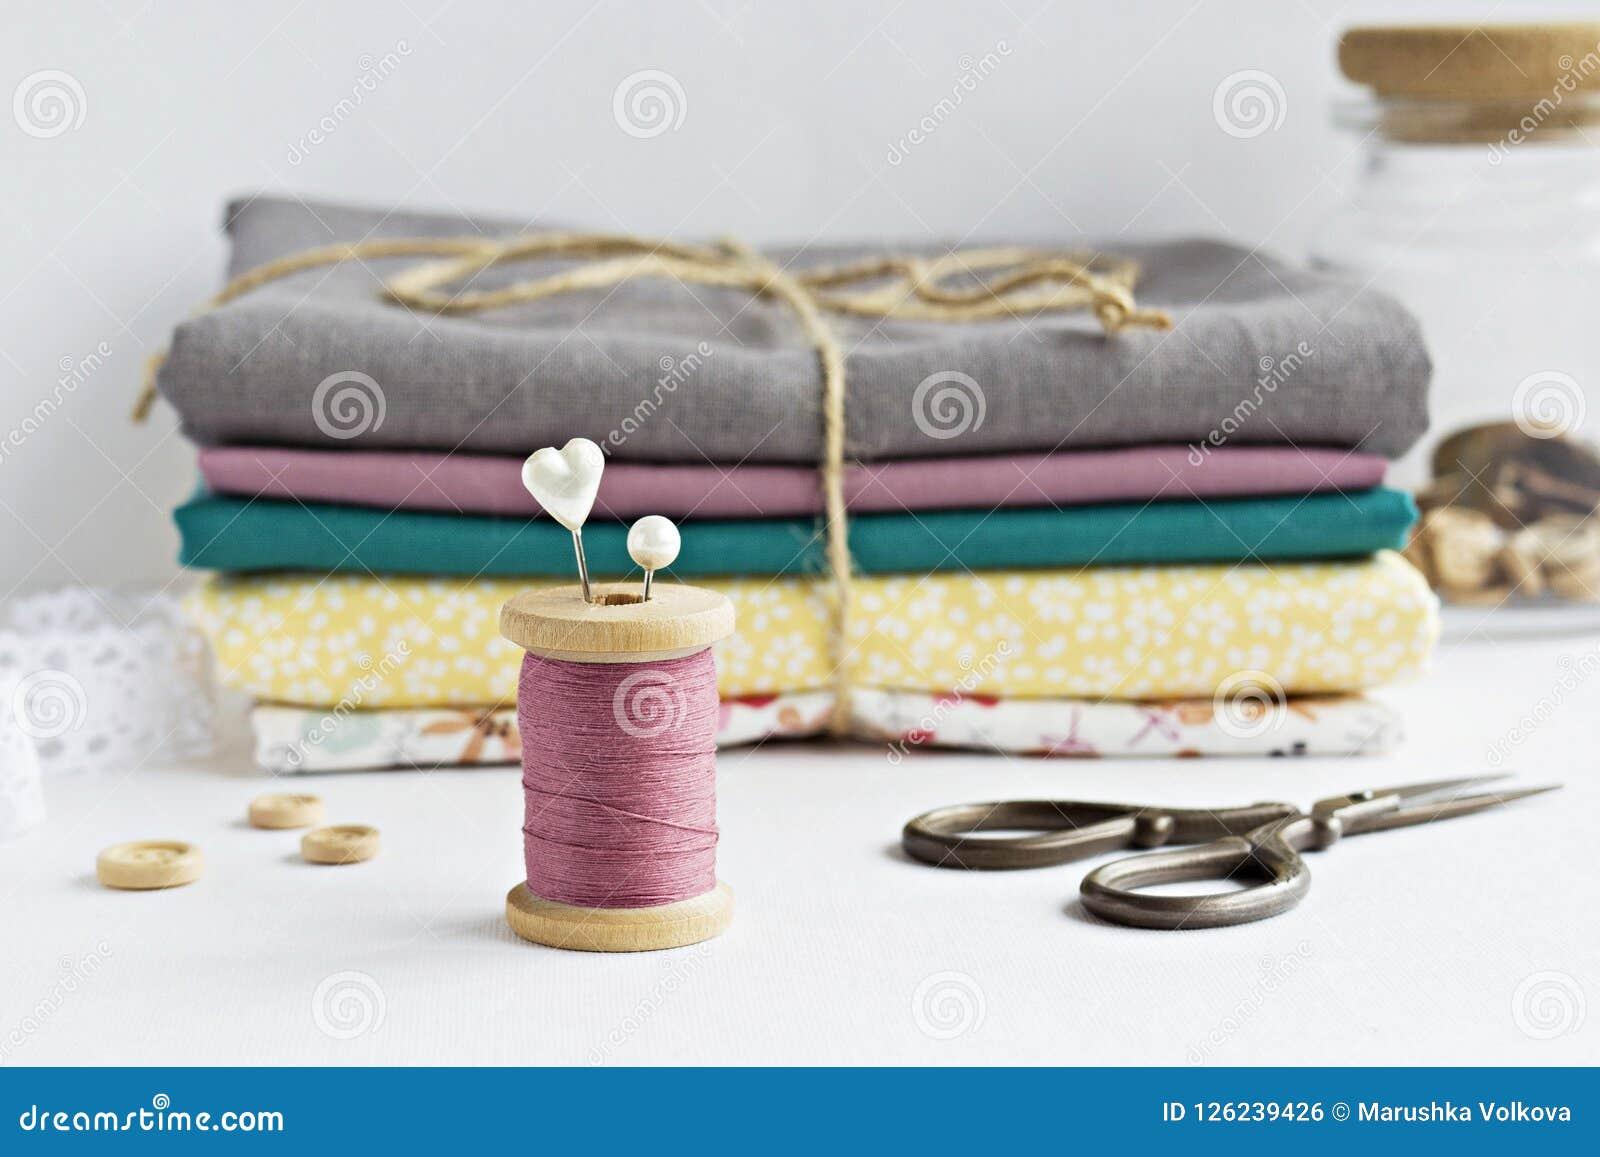 Rocznik niciana cewa, szpilki, drewniani guziki, nożyce i tkaniny,